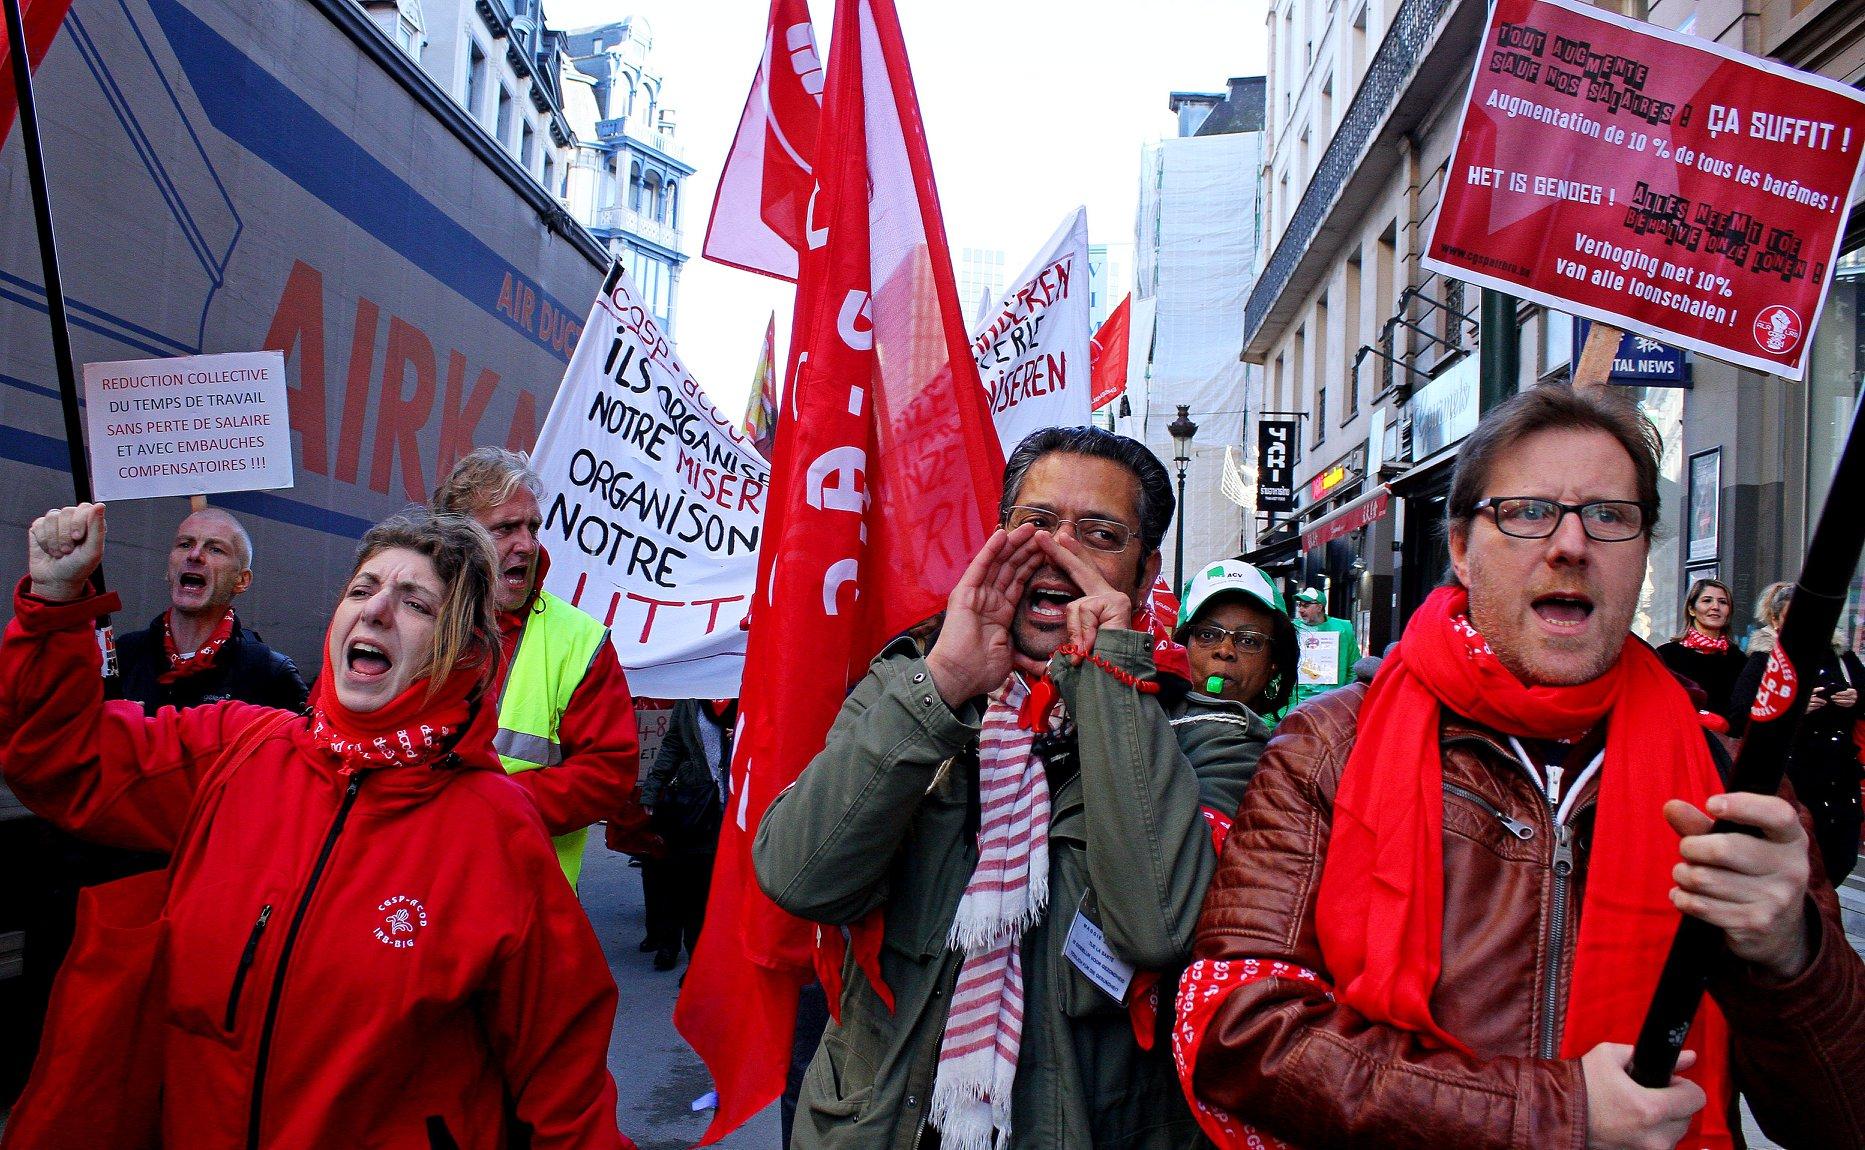 Bruxelles. Grève et manifestation du personnel des administrations locales et régionales